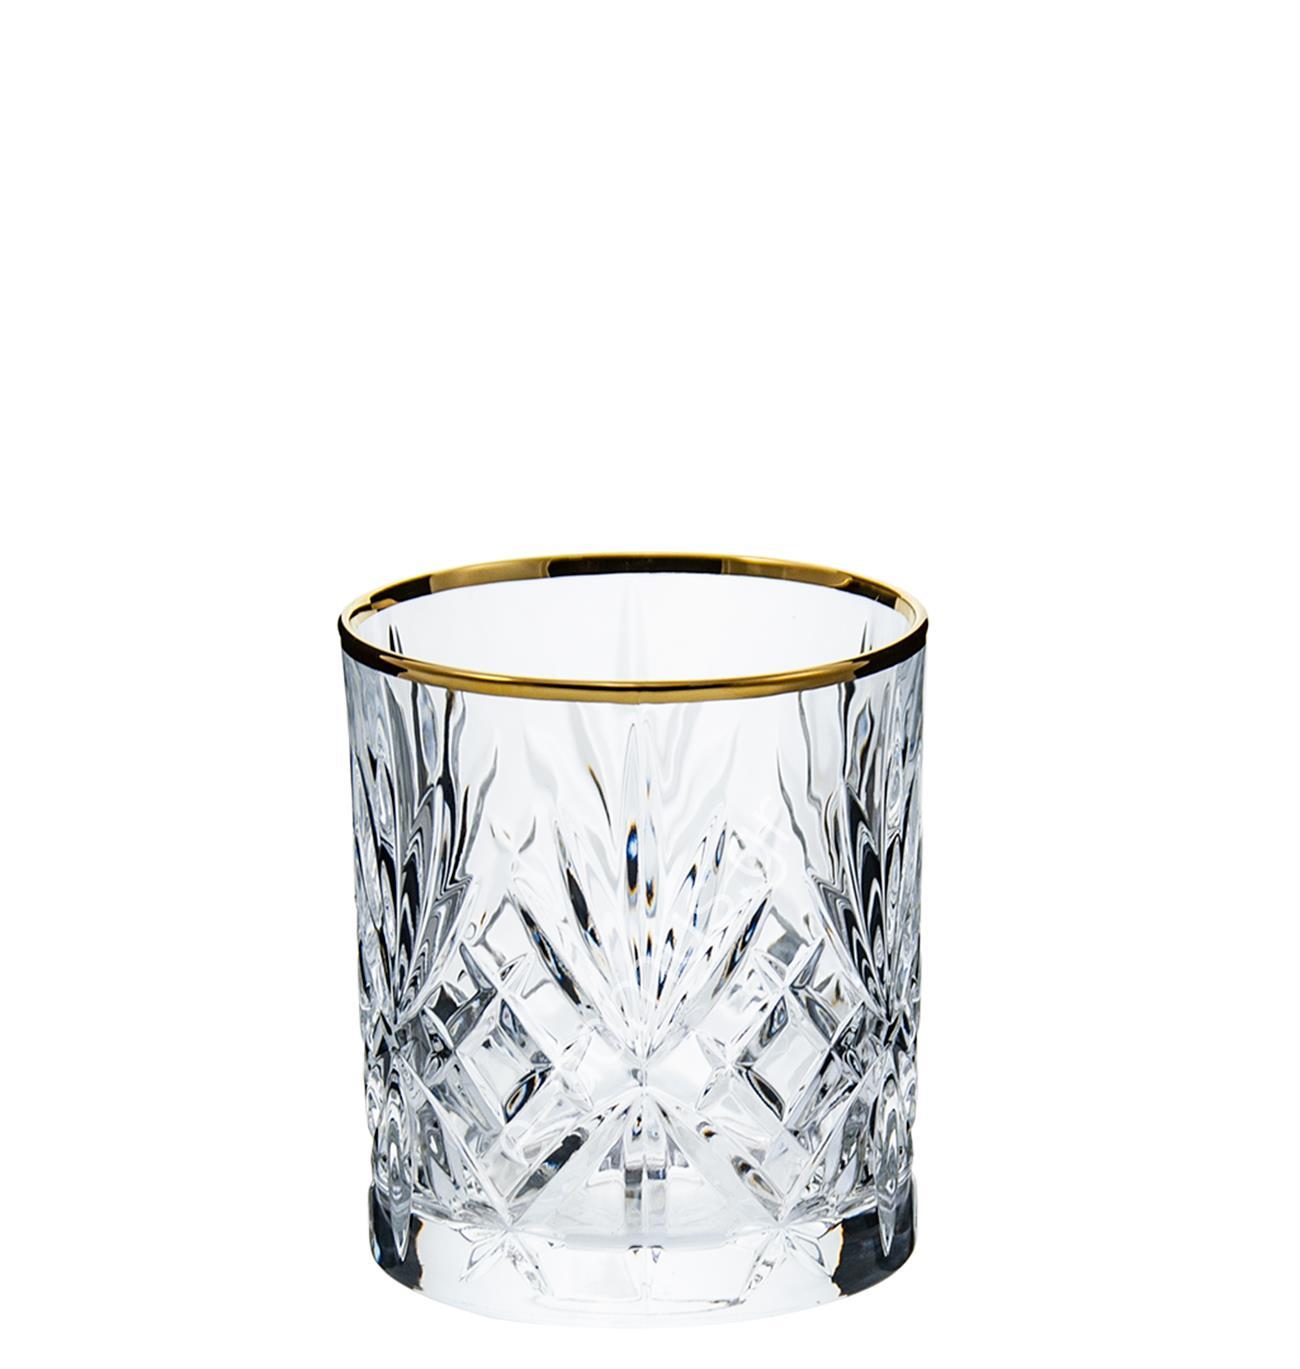 Σετ 6 ποτήρια ουίσκυ Melodia κρυστάλλινα με χρυσή ρίγα 310ml RCR